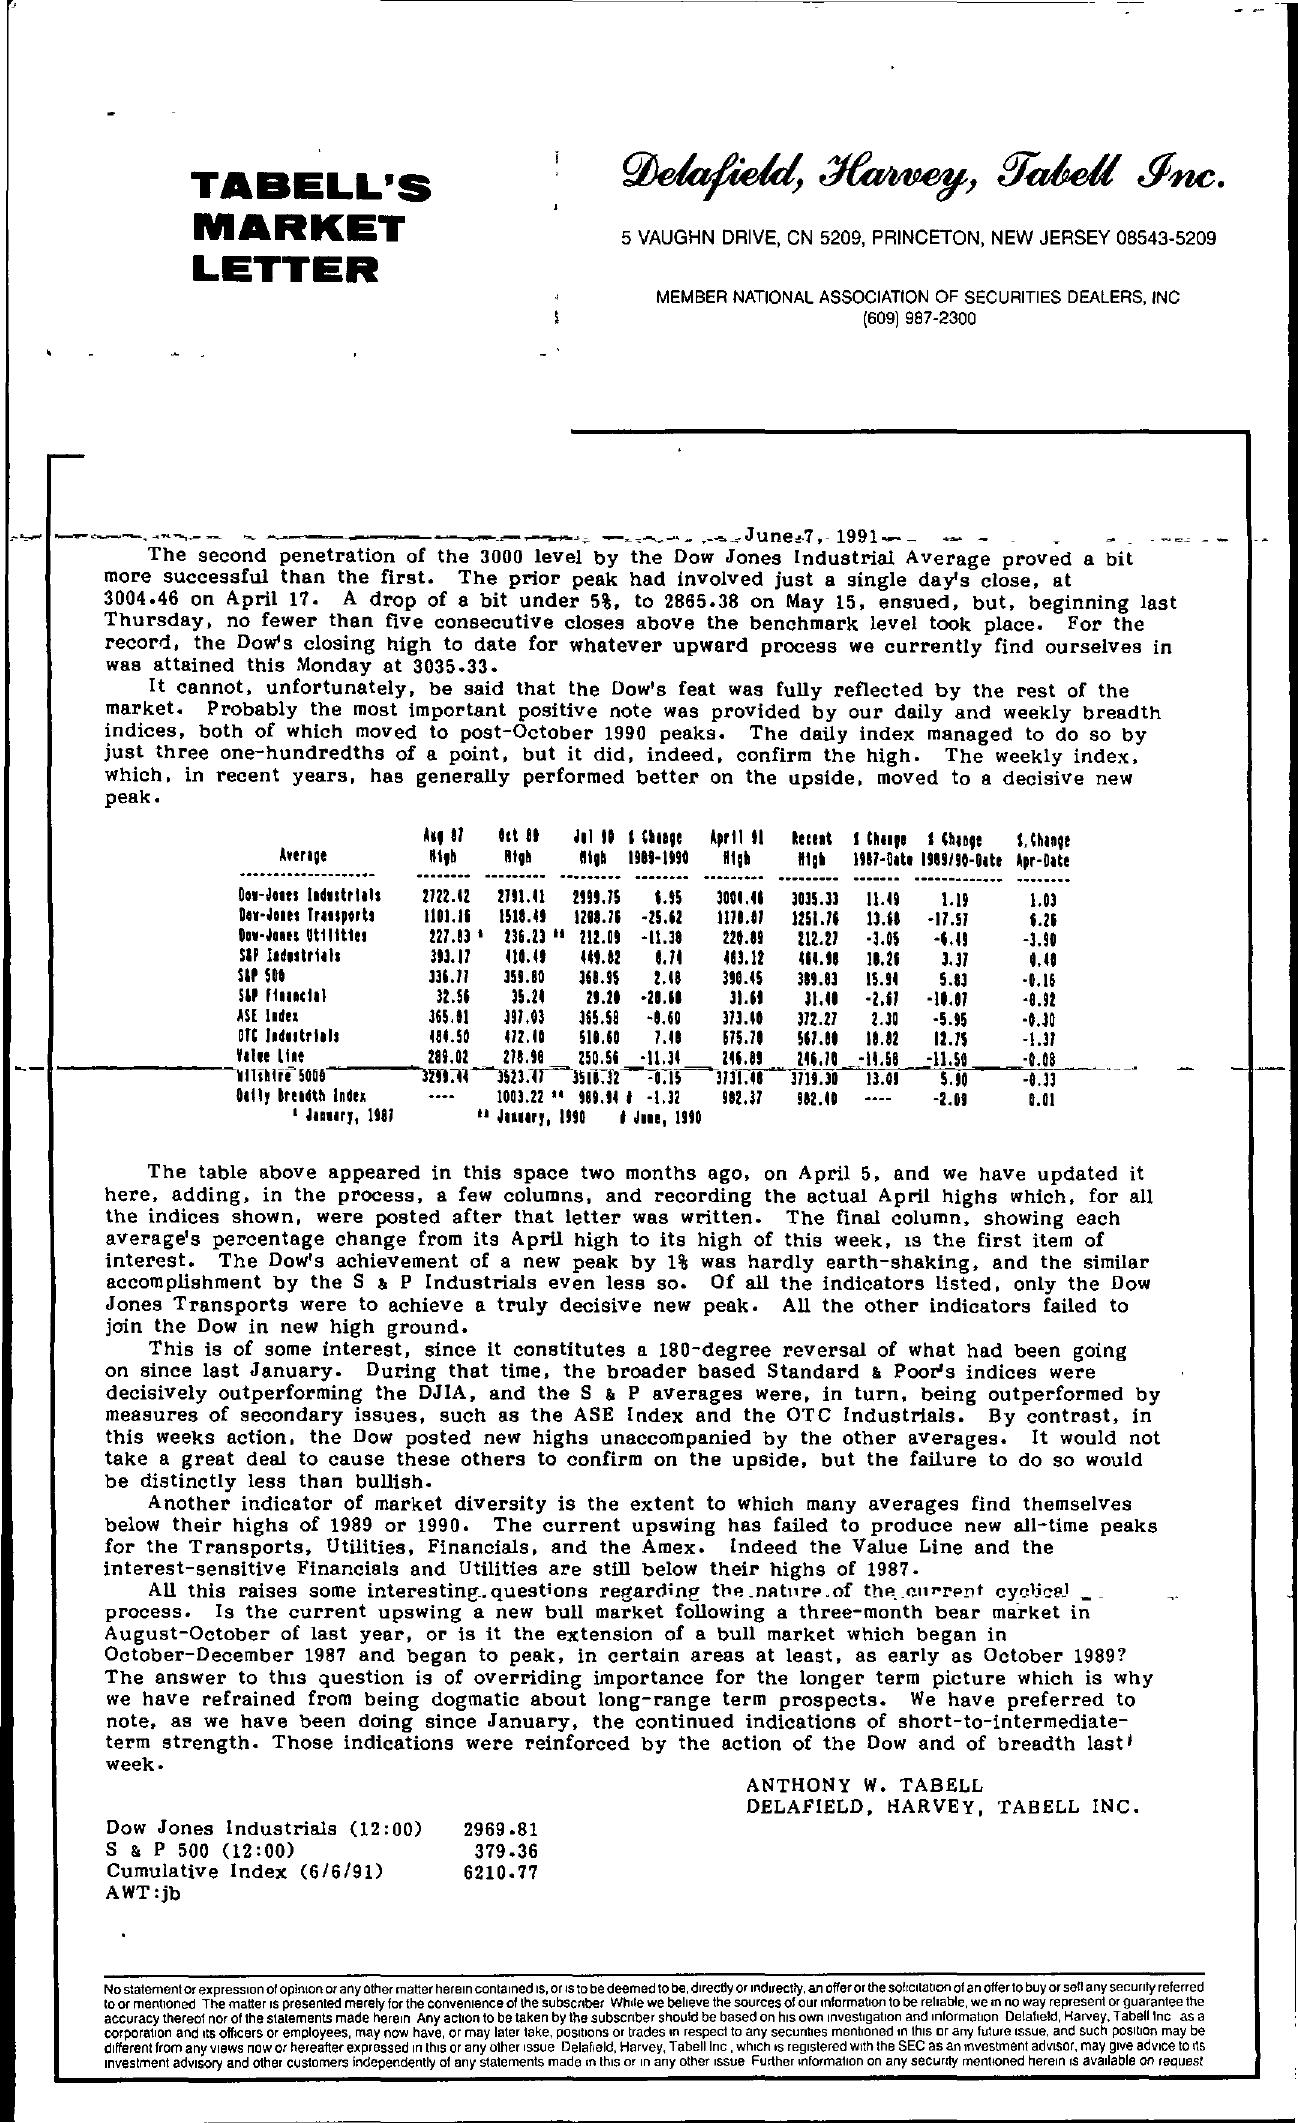 Tabell's Market Letter - June 07, 1991